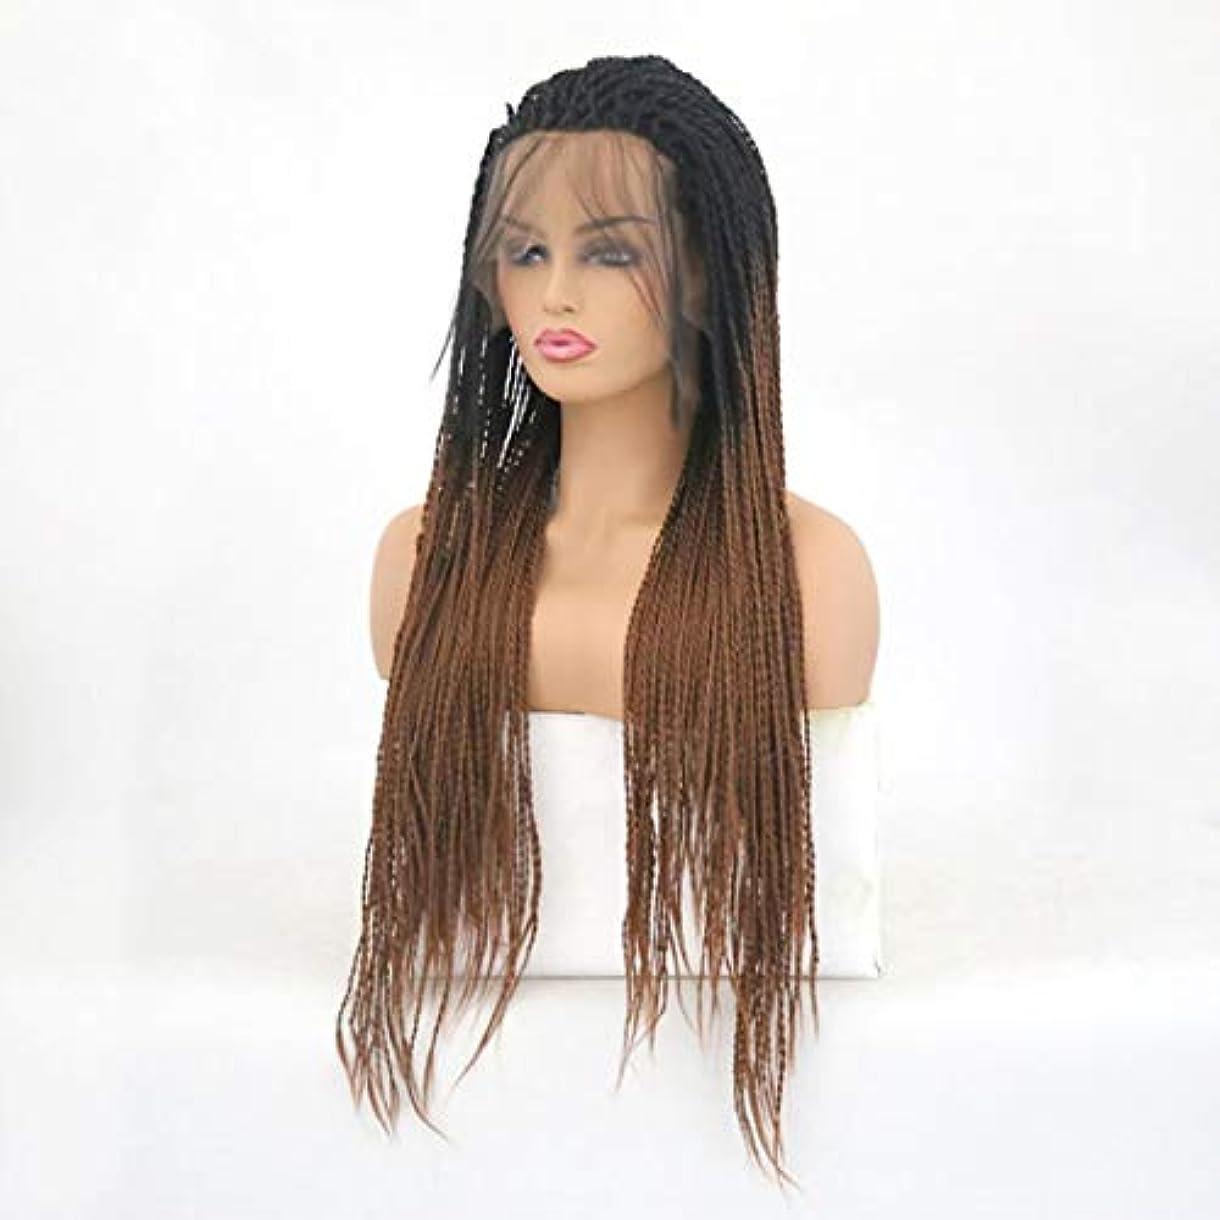 参加する不承認広々としたSummerys ツイストブレイドかぎ針編みブレイドヘアエクステンション事前ループ女性用高温繊維